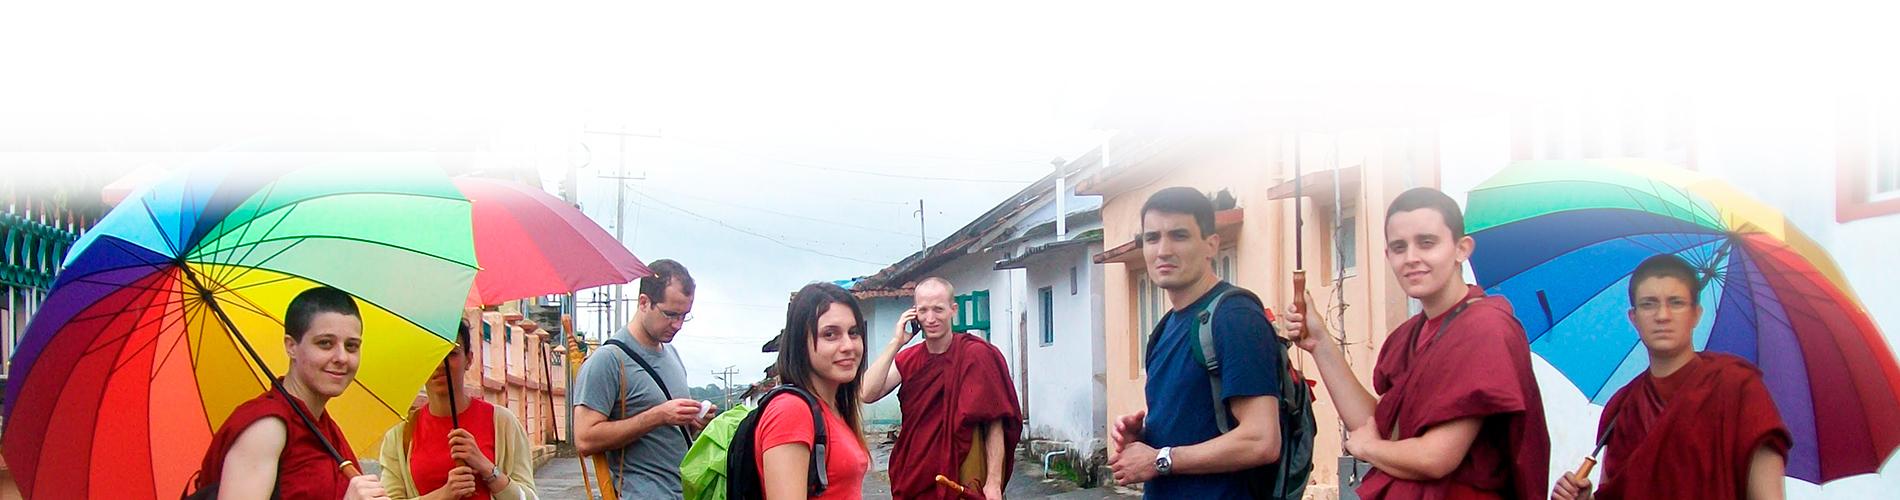 Viagem da Associação BUDA para o Monastério de Sera Jey na Índia. Atividade social: Ajude um monge - apoio aos monges de KLSB (2012).